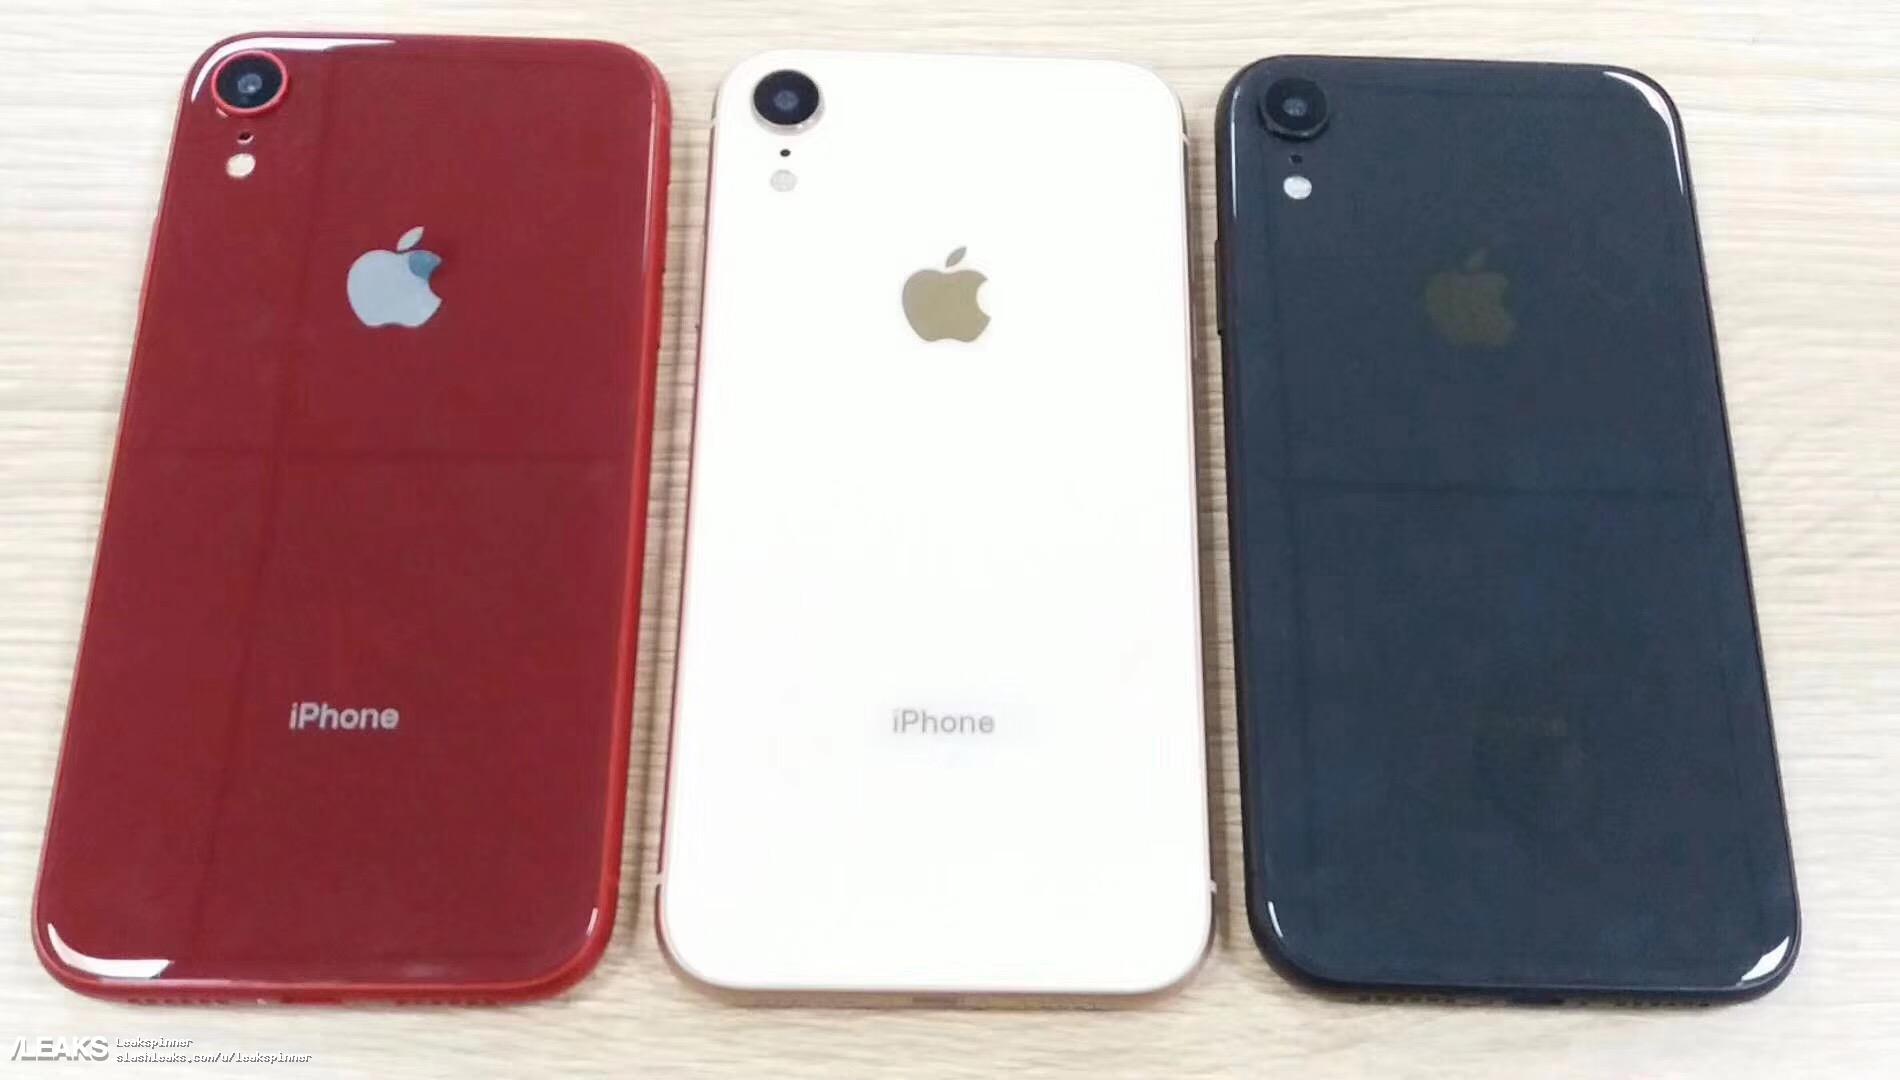 6.1インチ新型iPhone、デュアルSIMトレイとレッド・シルバー・ブルー・ピンクの4色モック登場